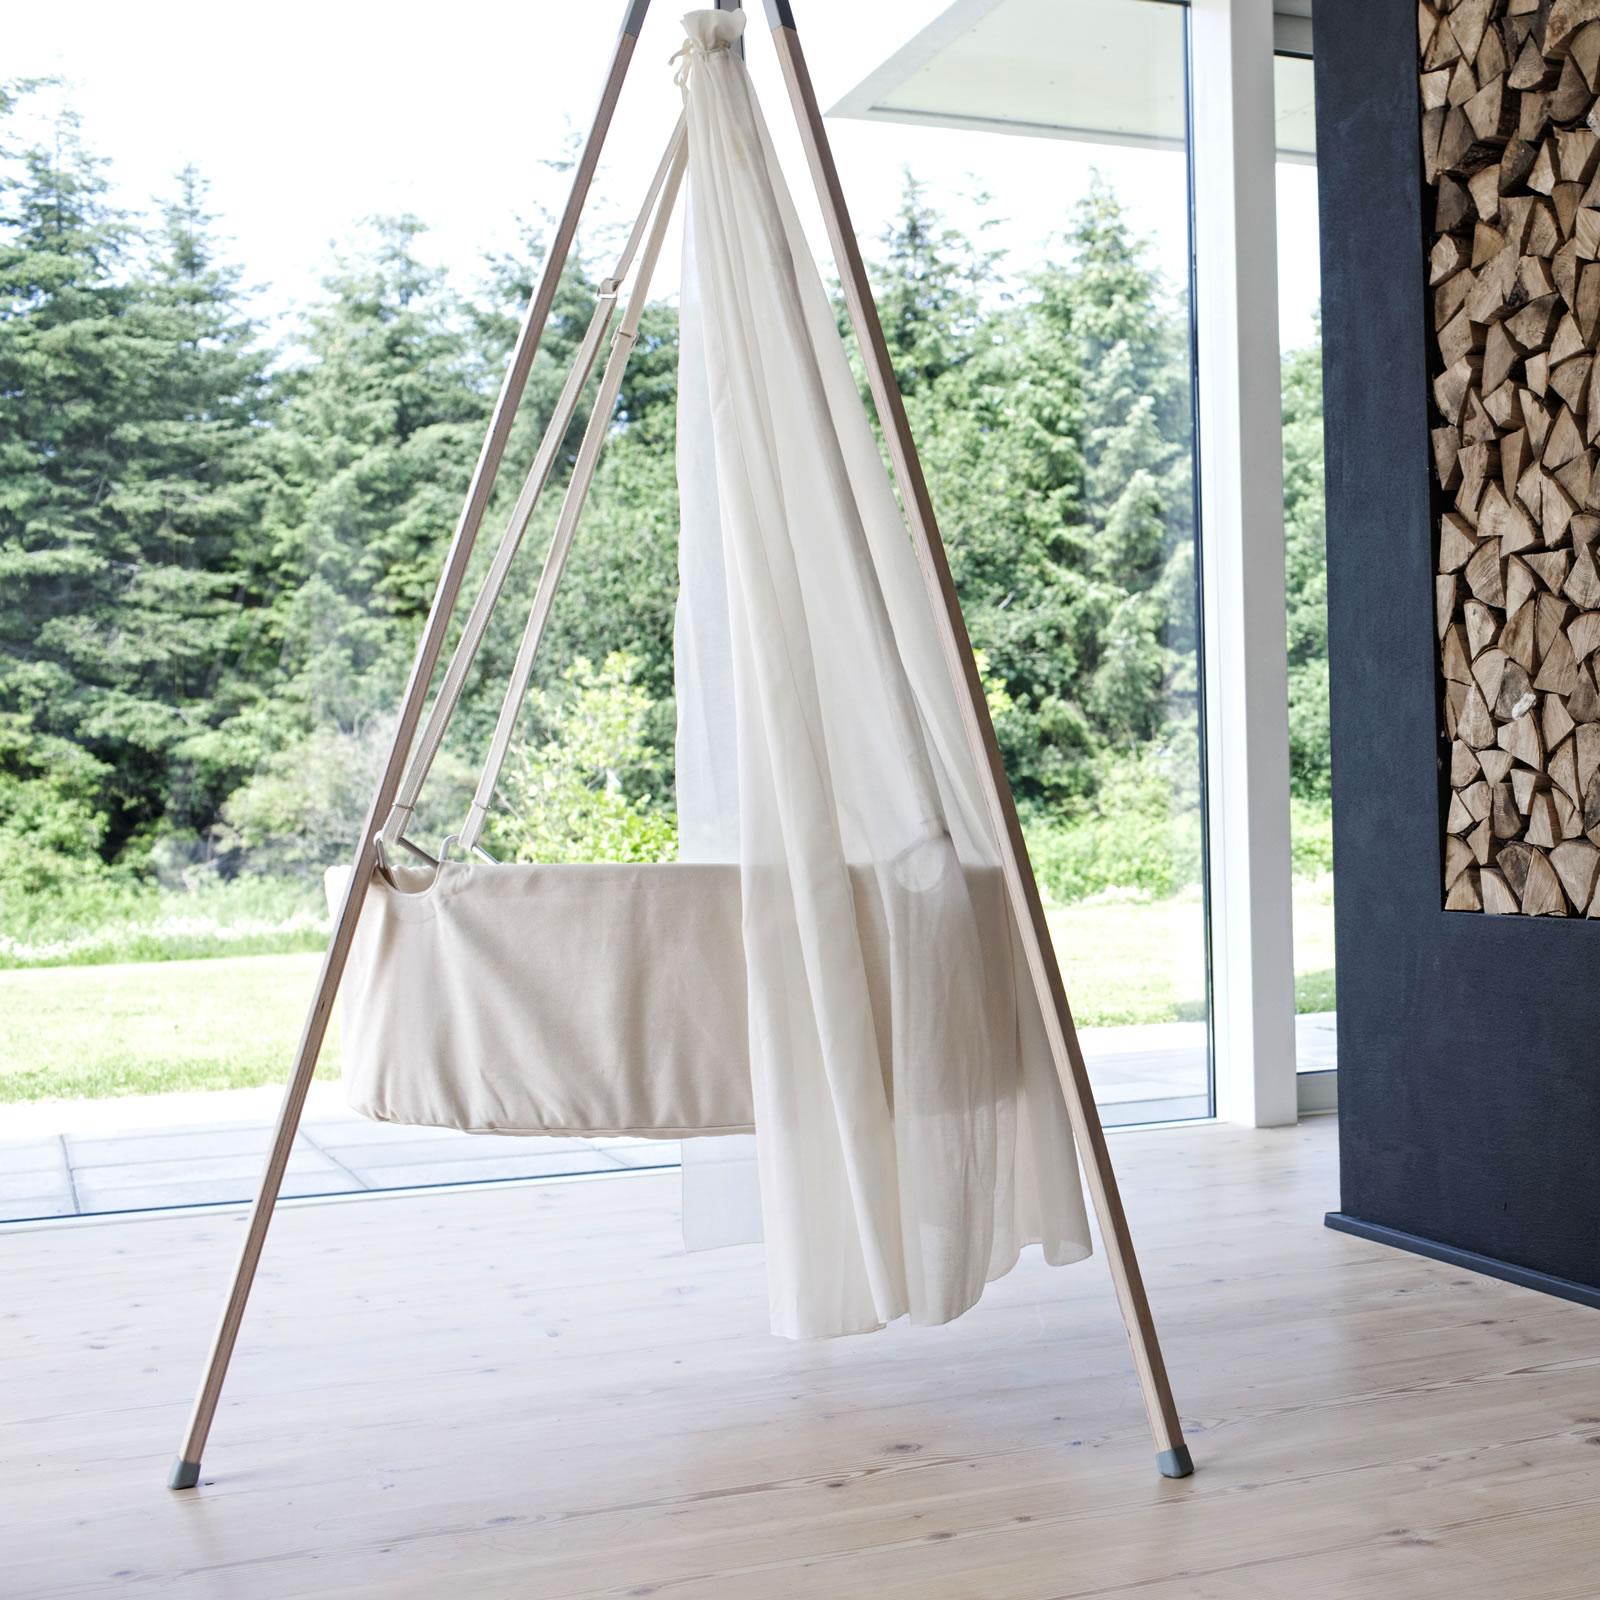 leander wiege komplett set babywiege m himmel und stativ. Black Bedroom Furniture Sets. Home Design Ideas